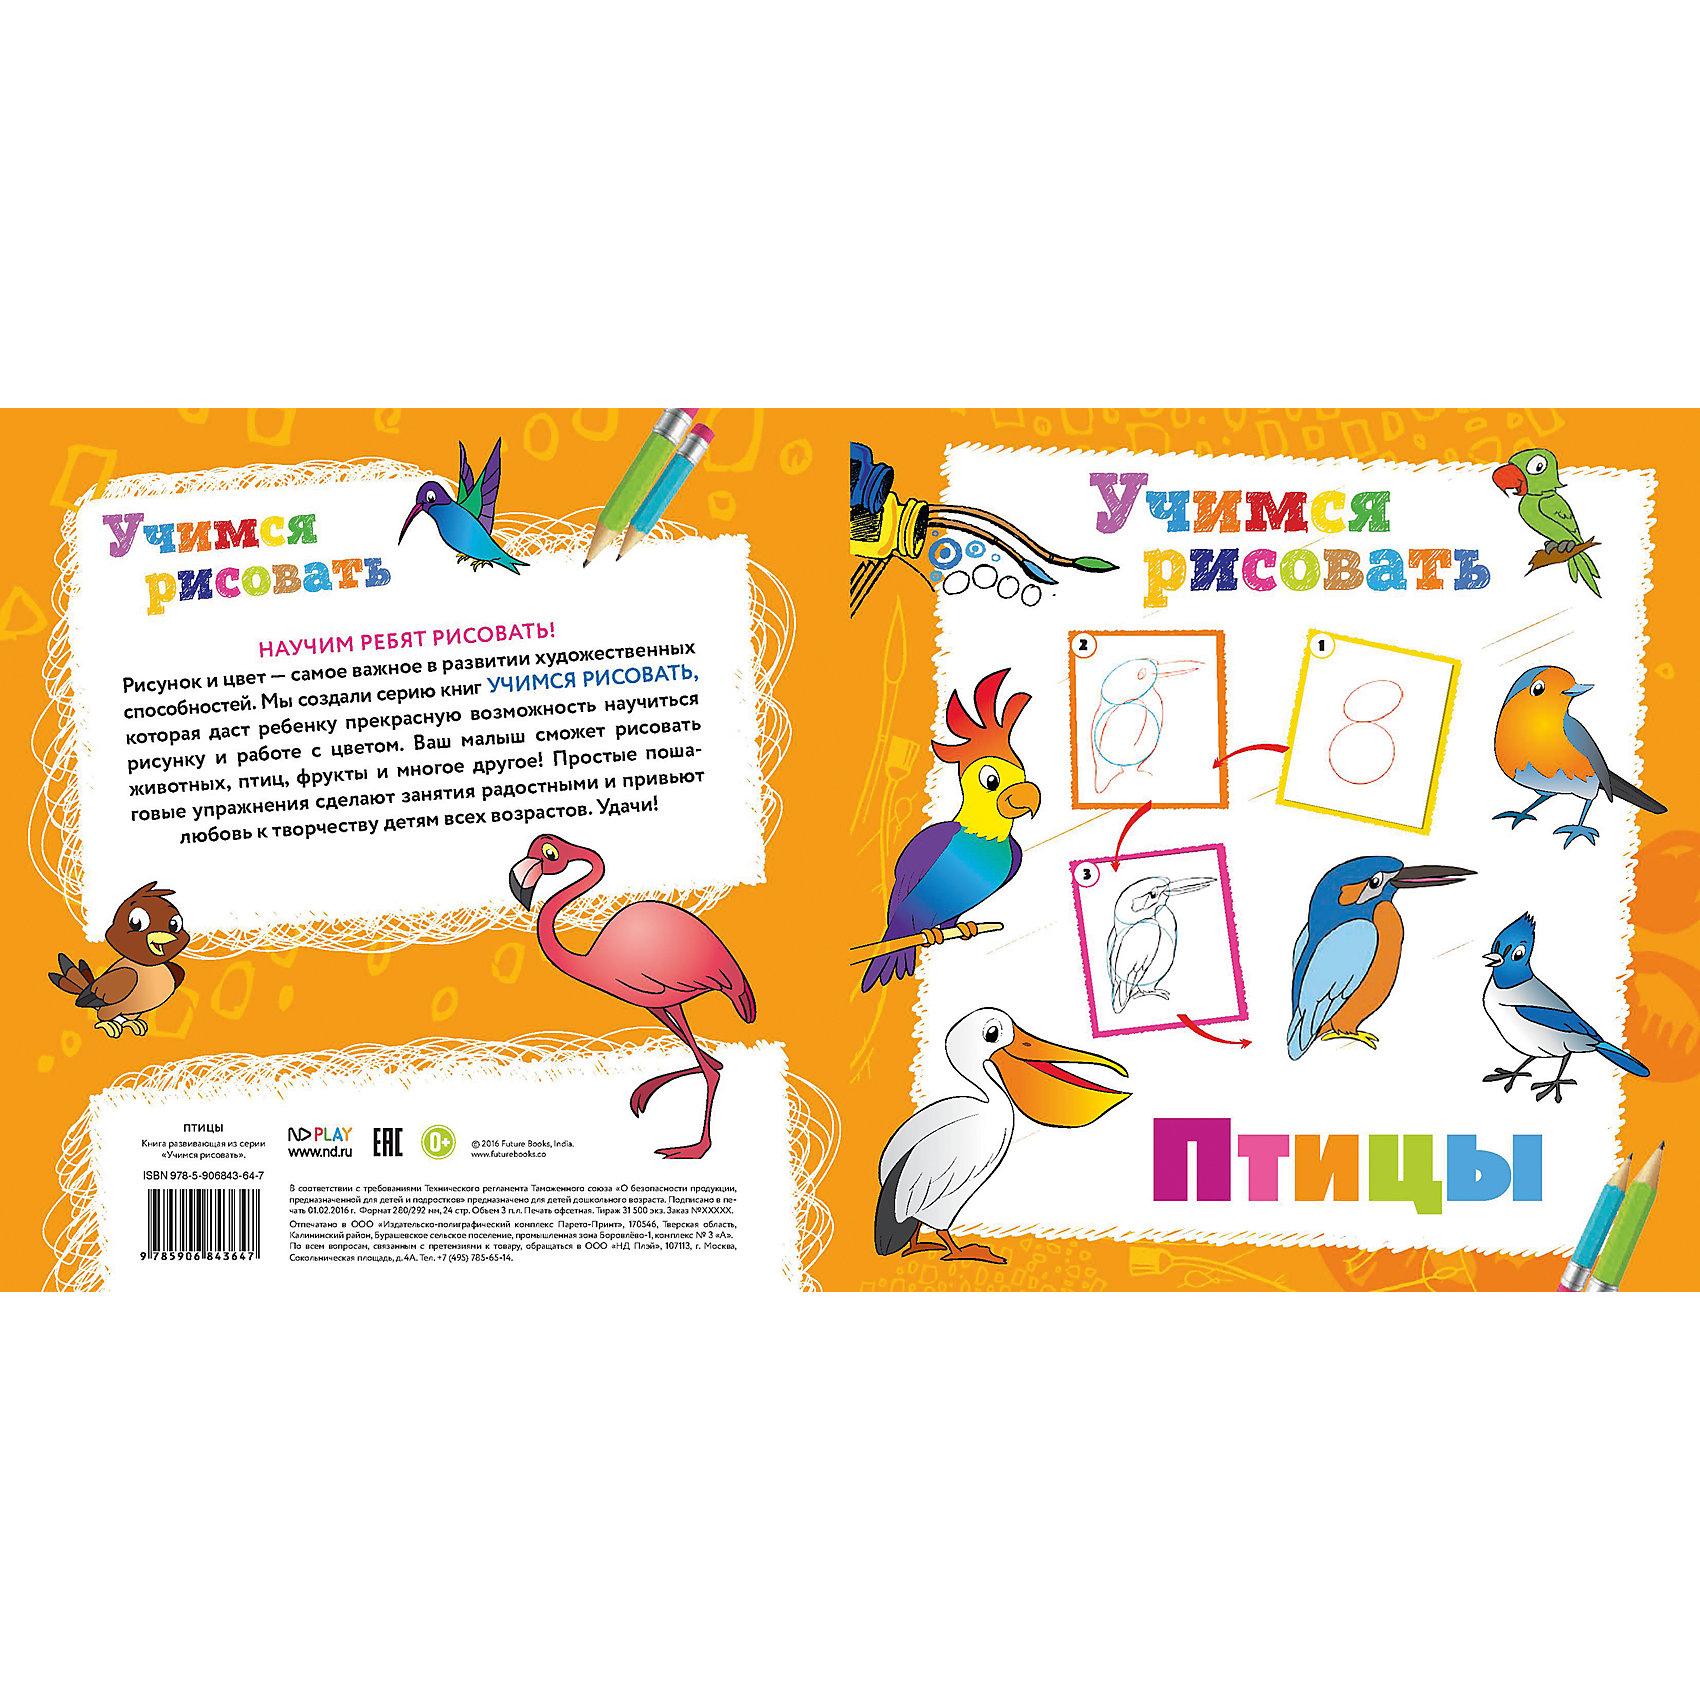 Новый Диск Книга Птицы Учимся рисовать nd play книга учимся рисовать транспорт